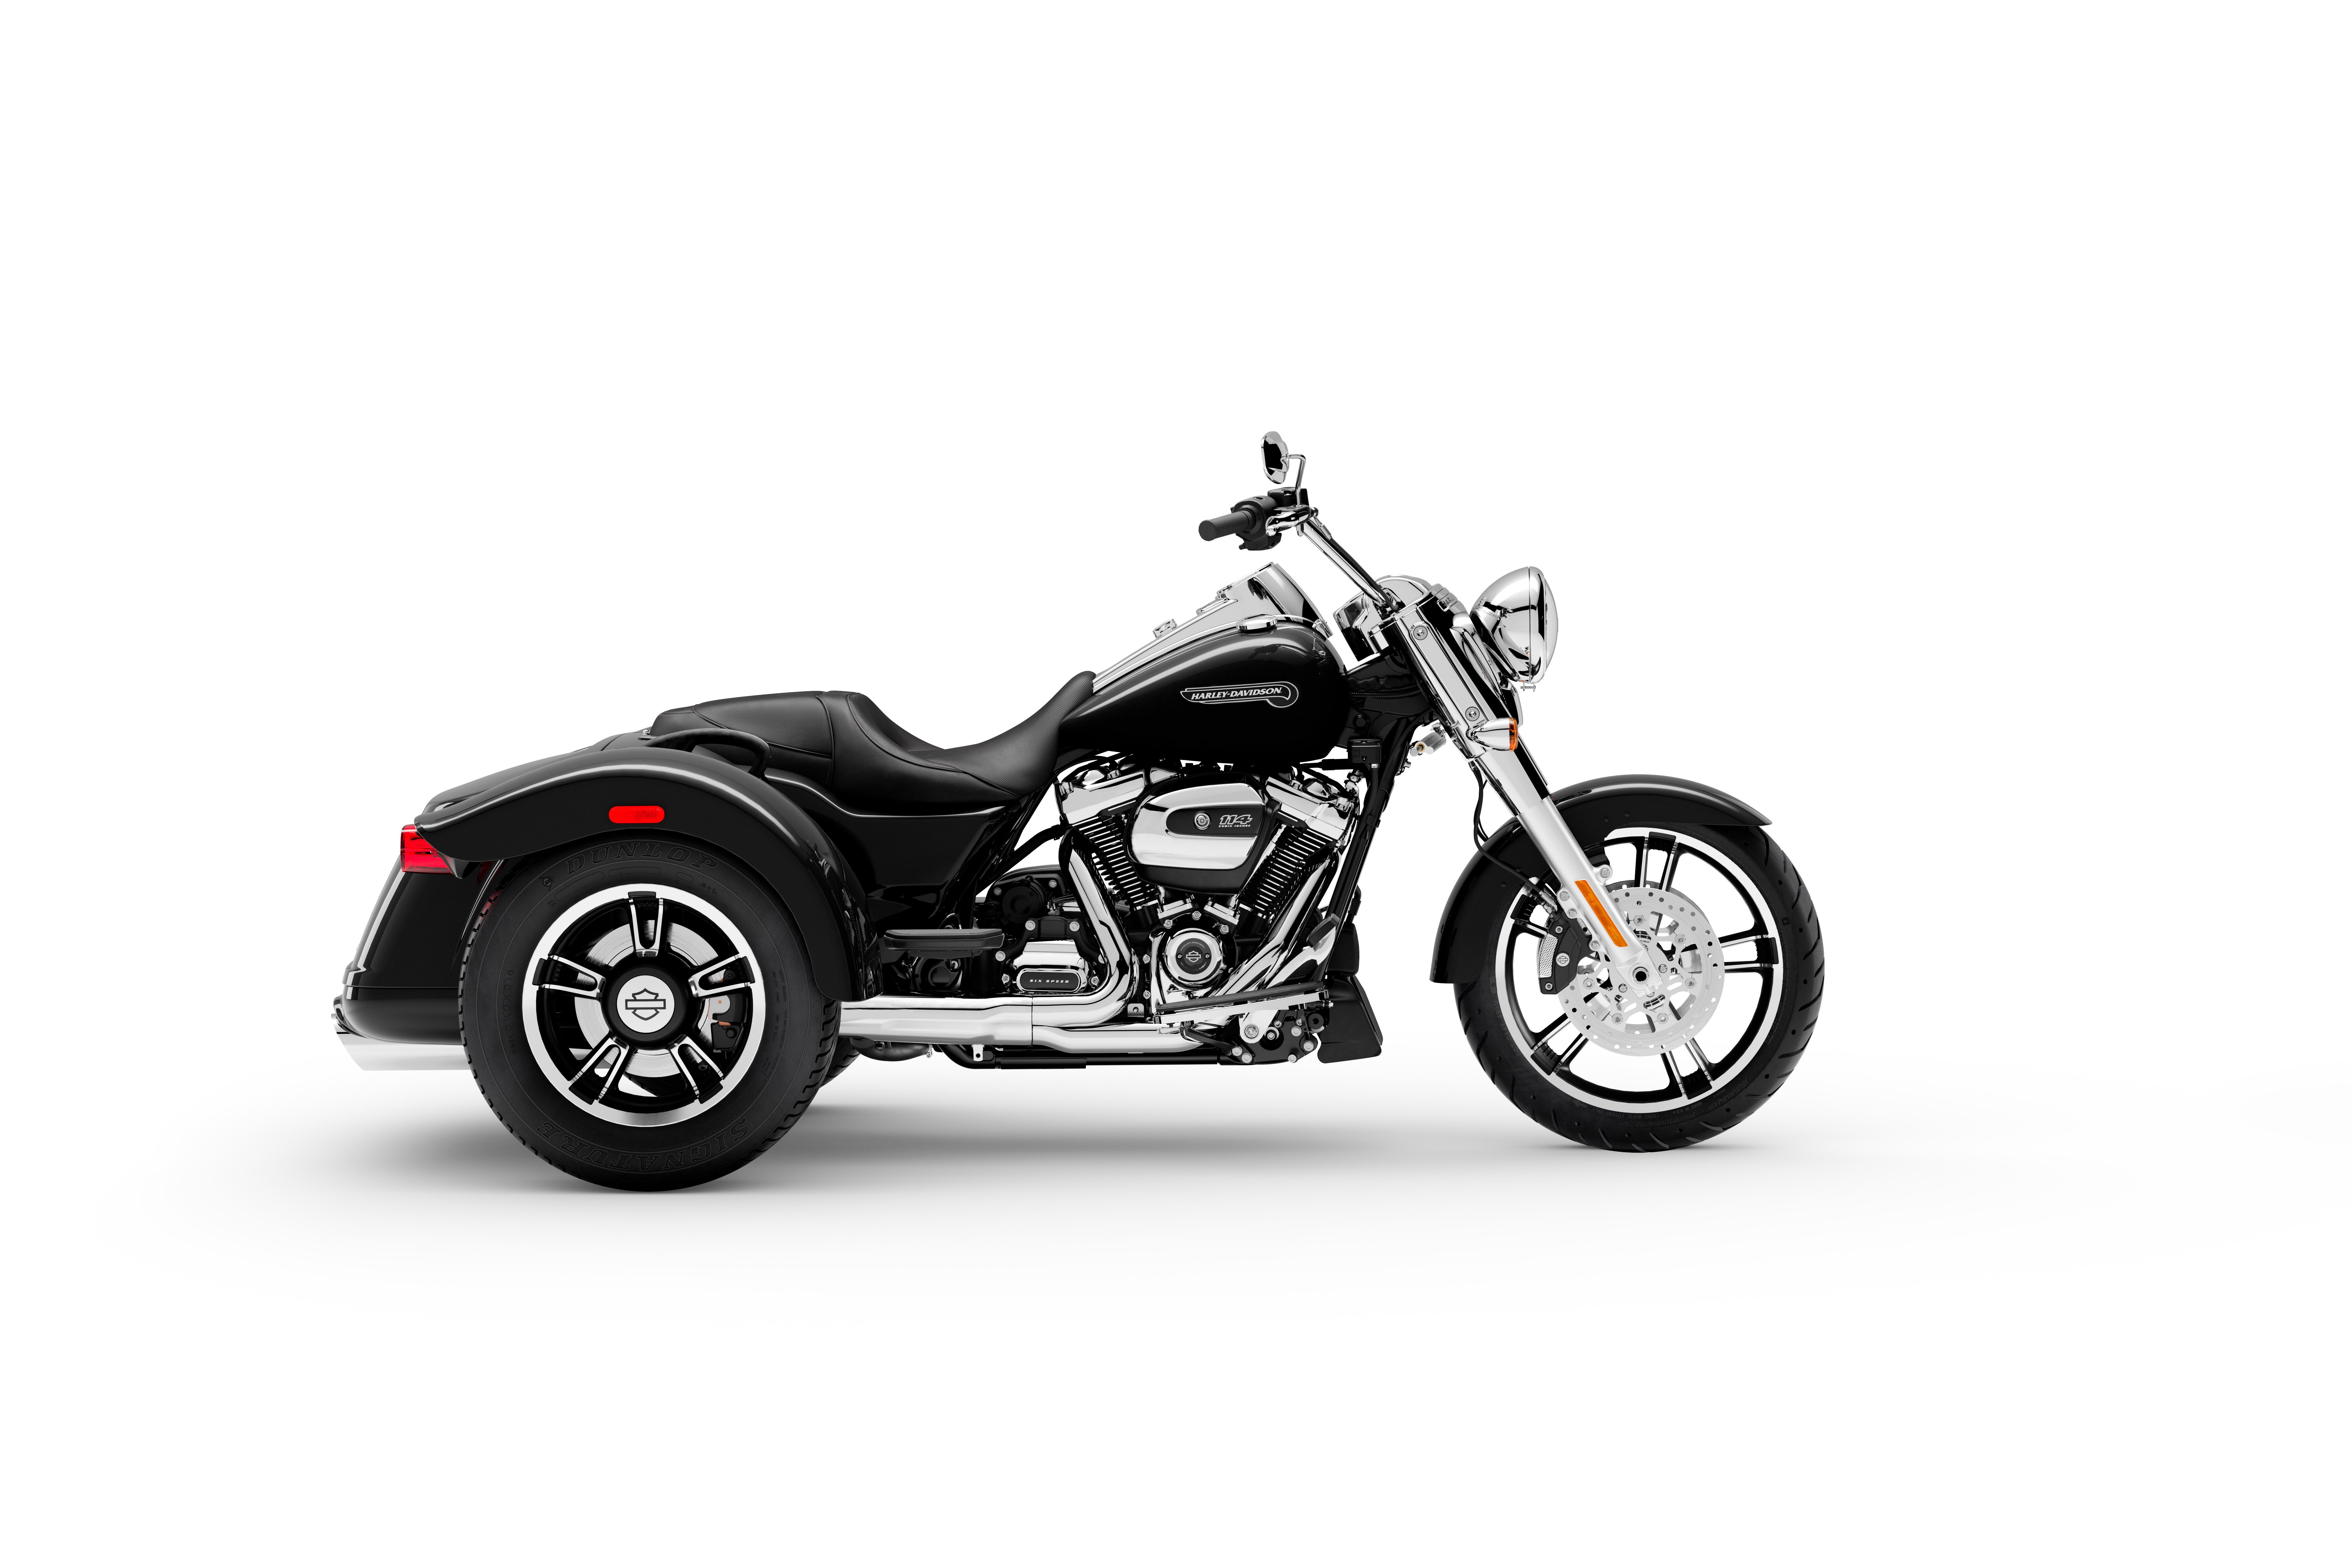 2021 Harley-Davidson Freewheeler [7]